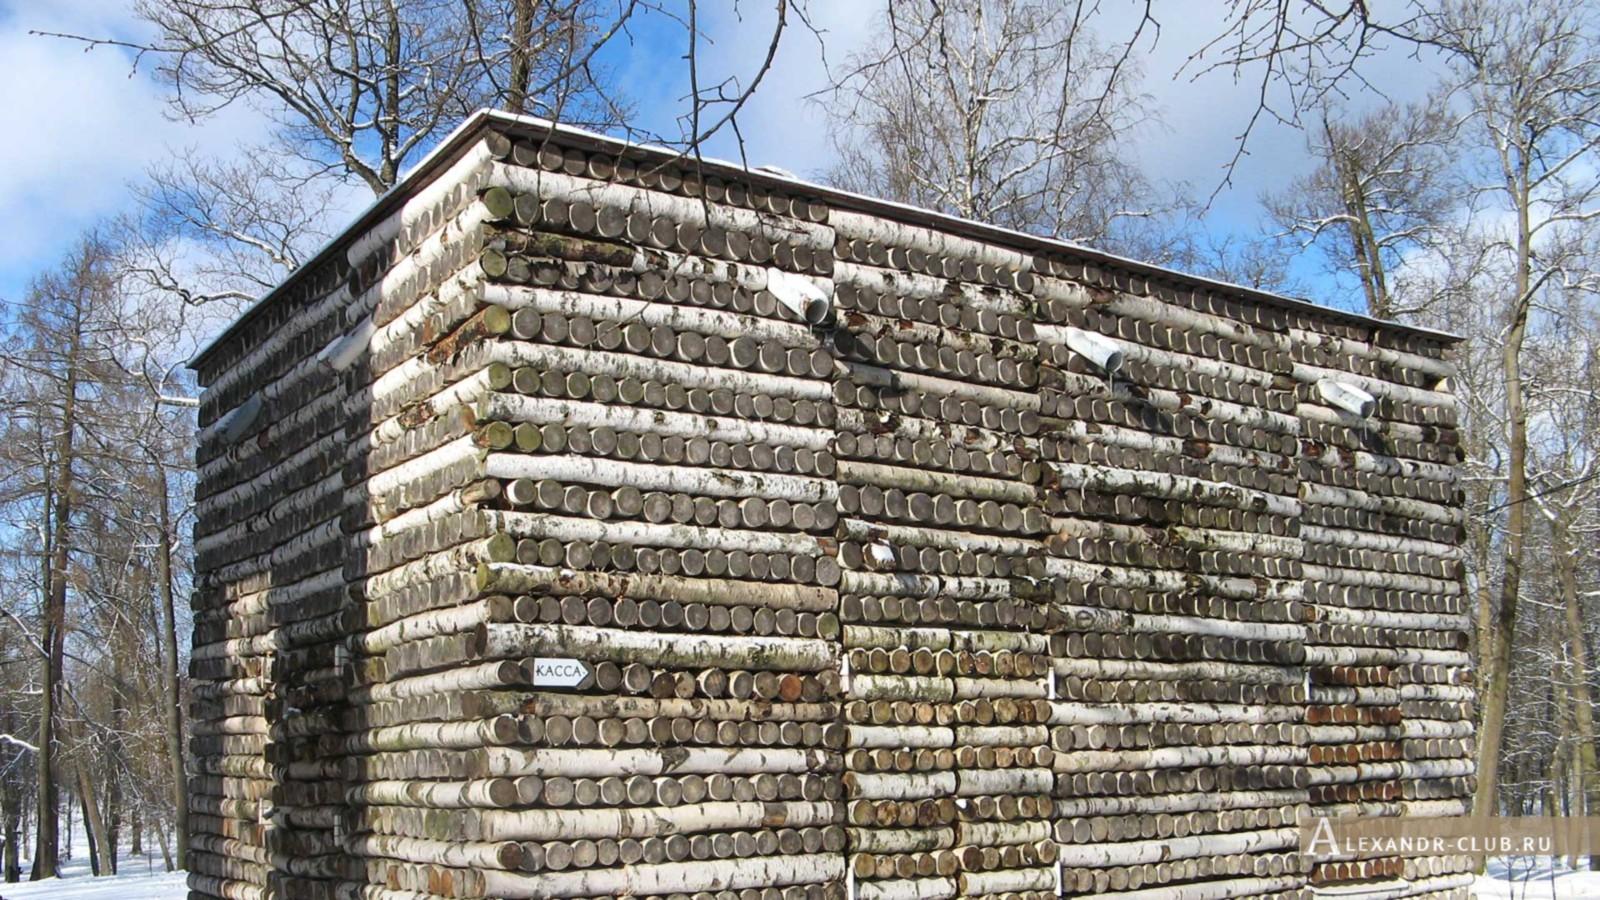 Березовый домик, Гатчинский парк